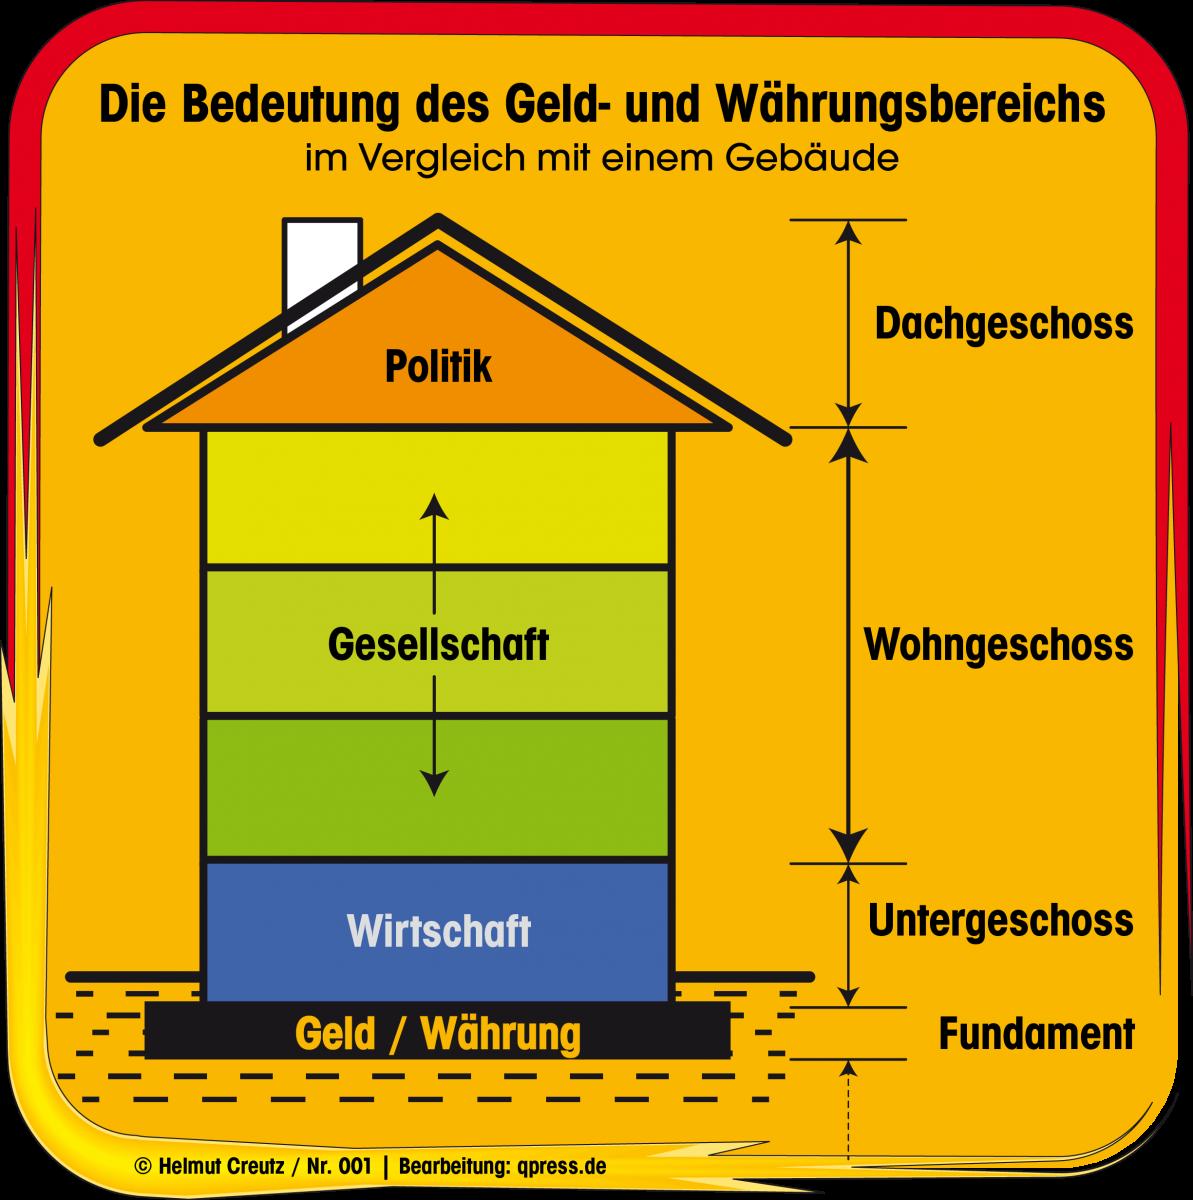 Grafik Creutz 001 die Bedeutung des Geld- und Währungsbereichs